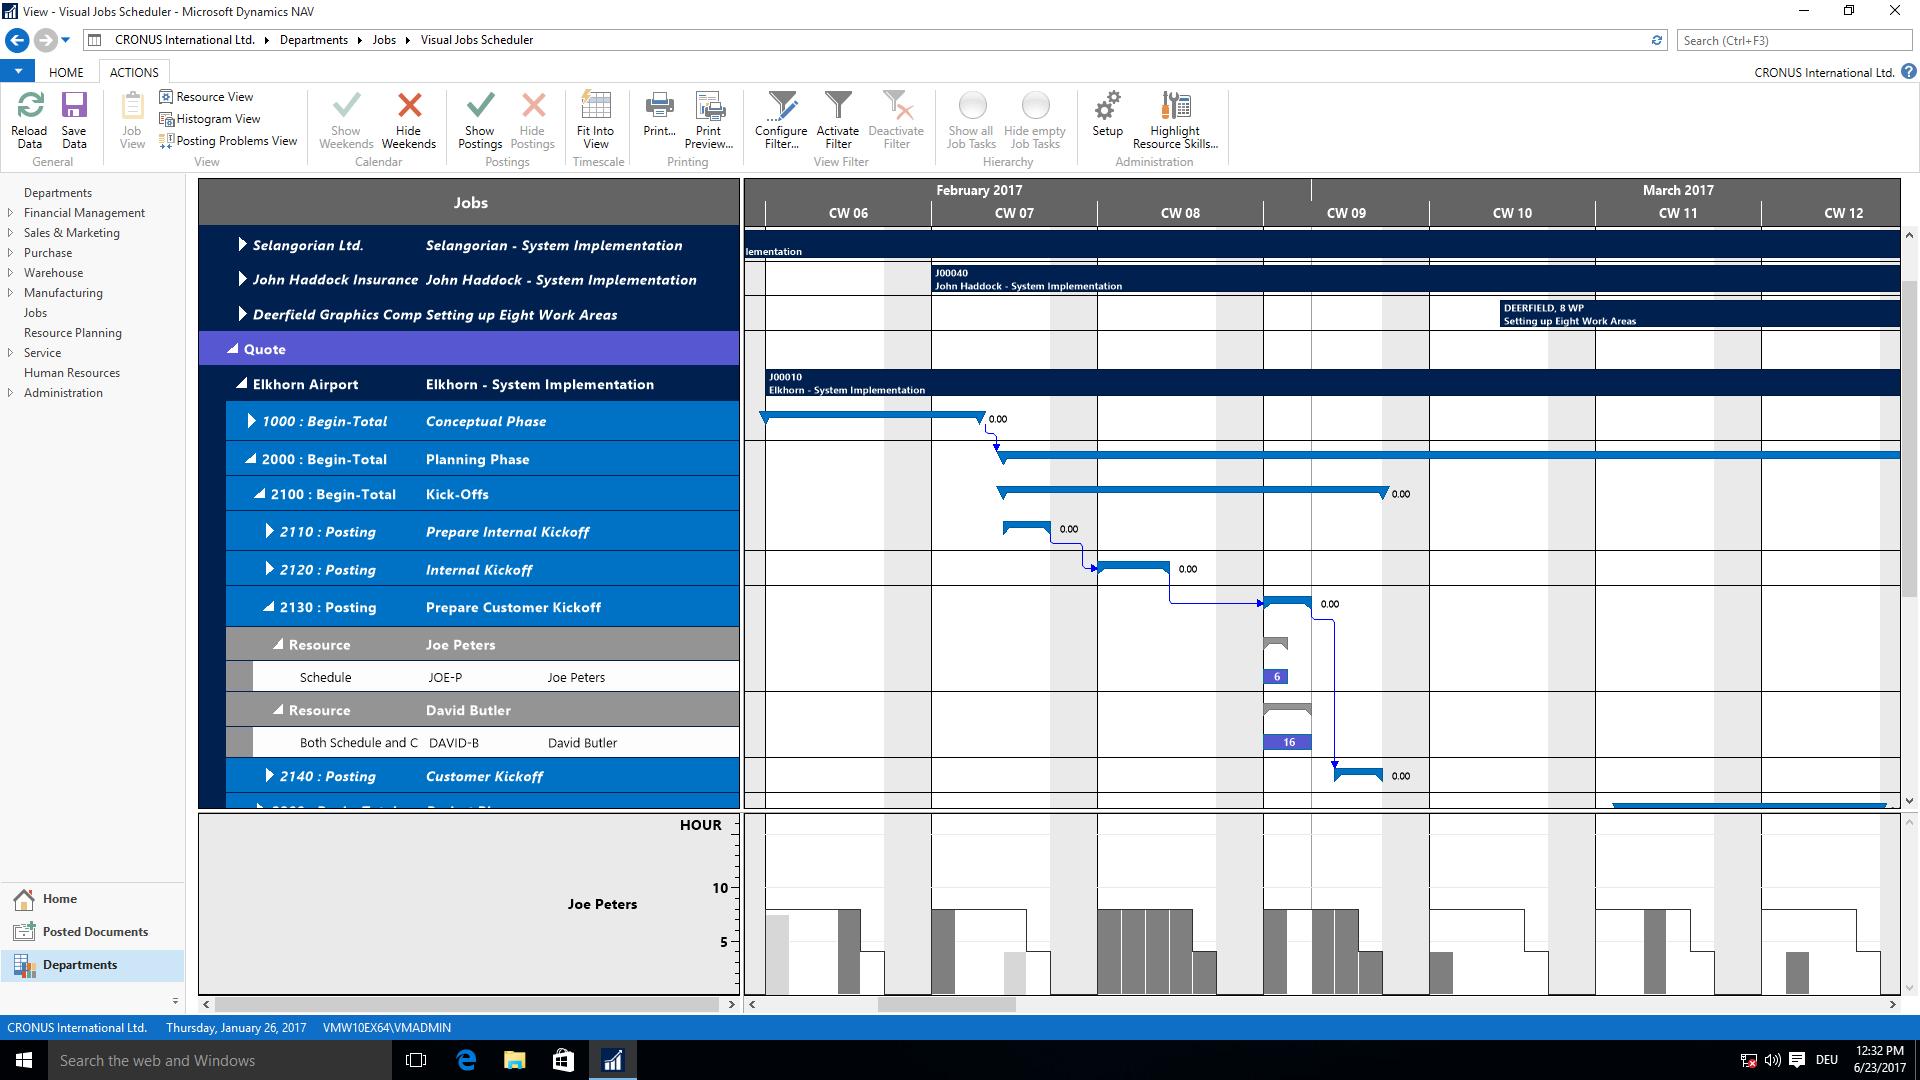 Visual Jobs Scheduler -Projekplan für Dynamics NAV